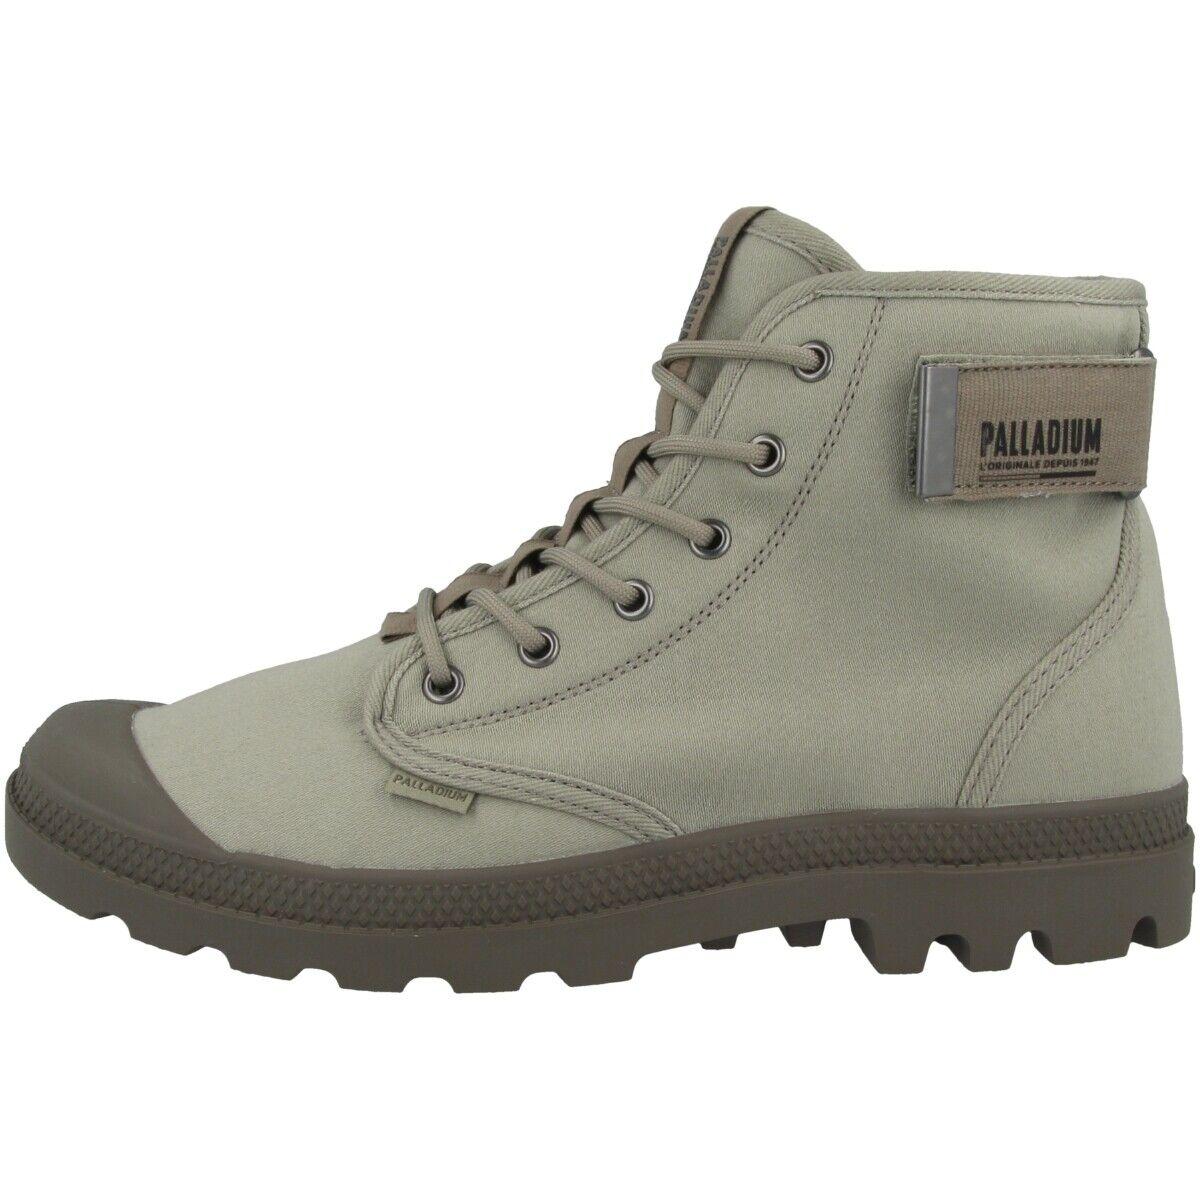 Palladium Pampa Strapped Stiefel Schuhe Herren High Top Freizeit Turnschuhe 06435-061